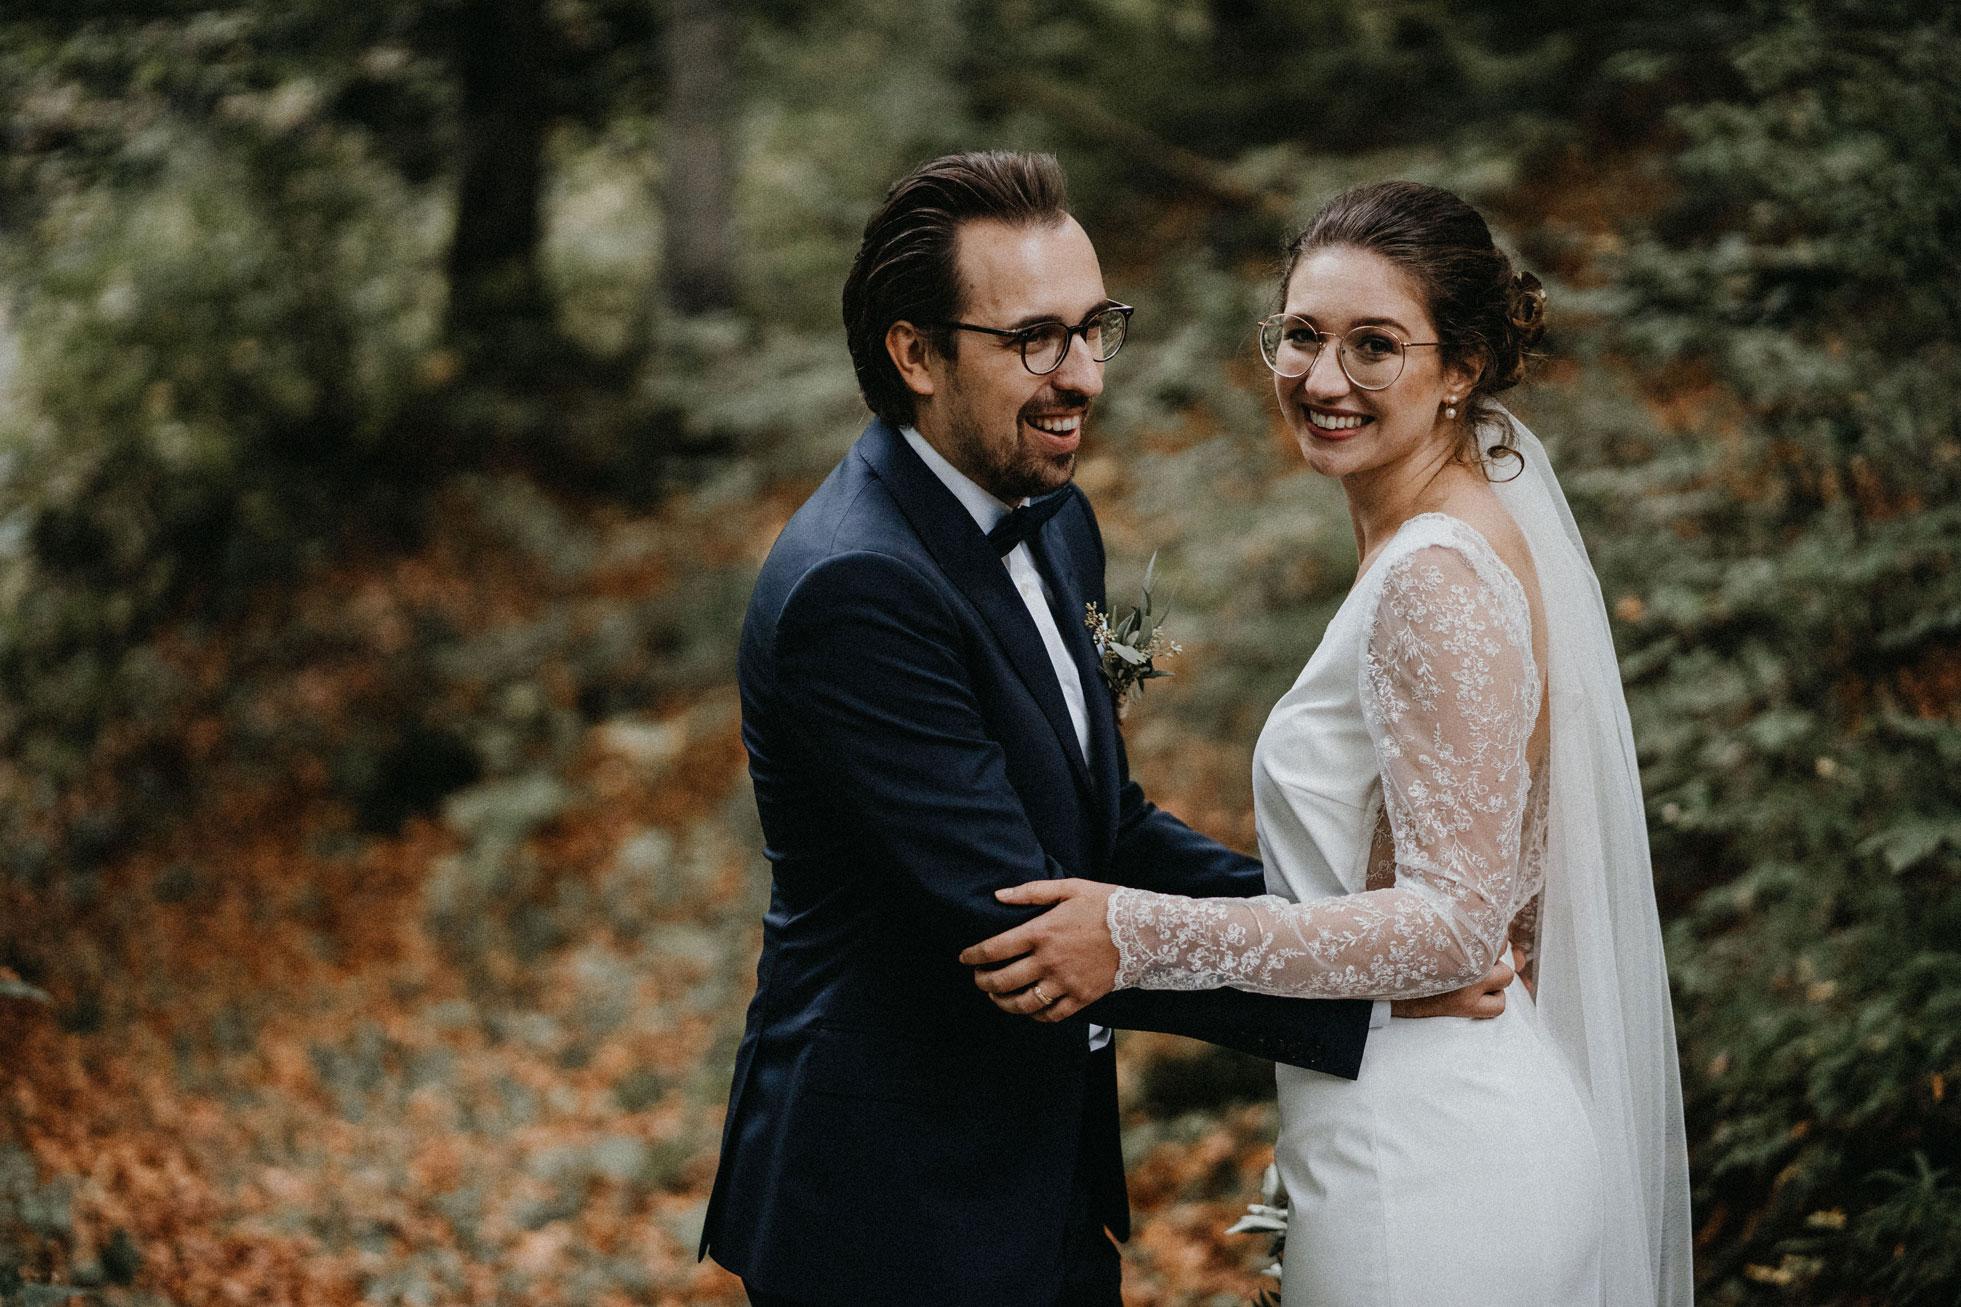 Hochzeit_Claire_Manuel_Villa_Maund_Daniel_Jenny-376.jpg